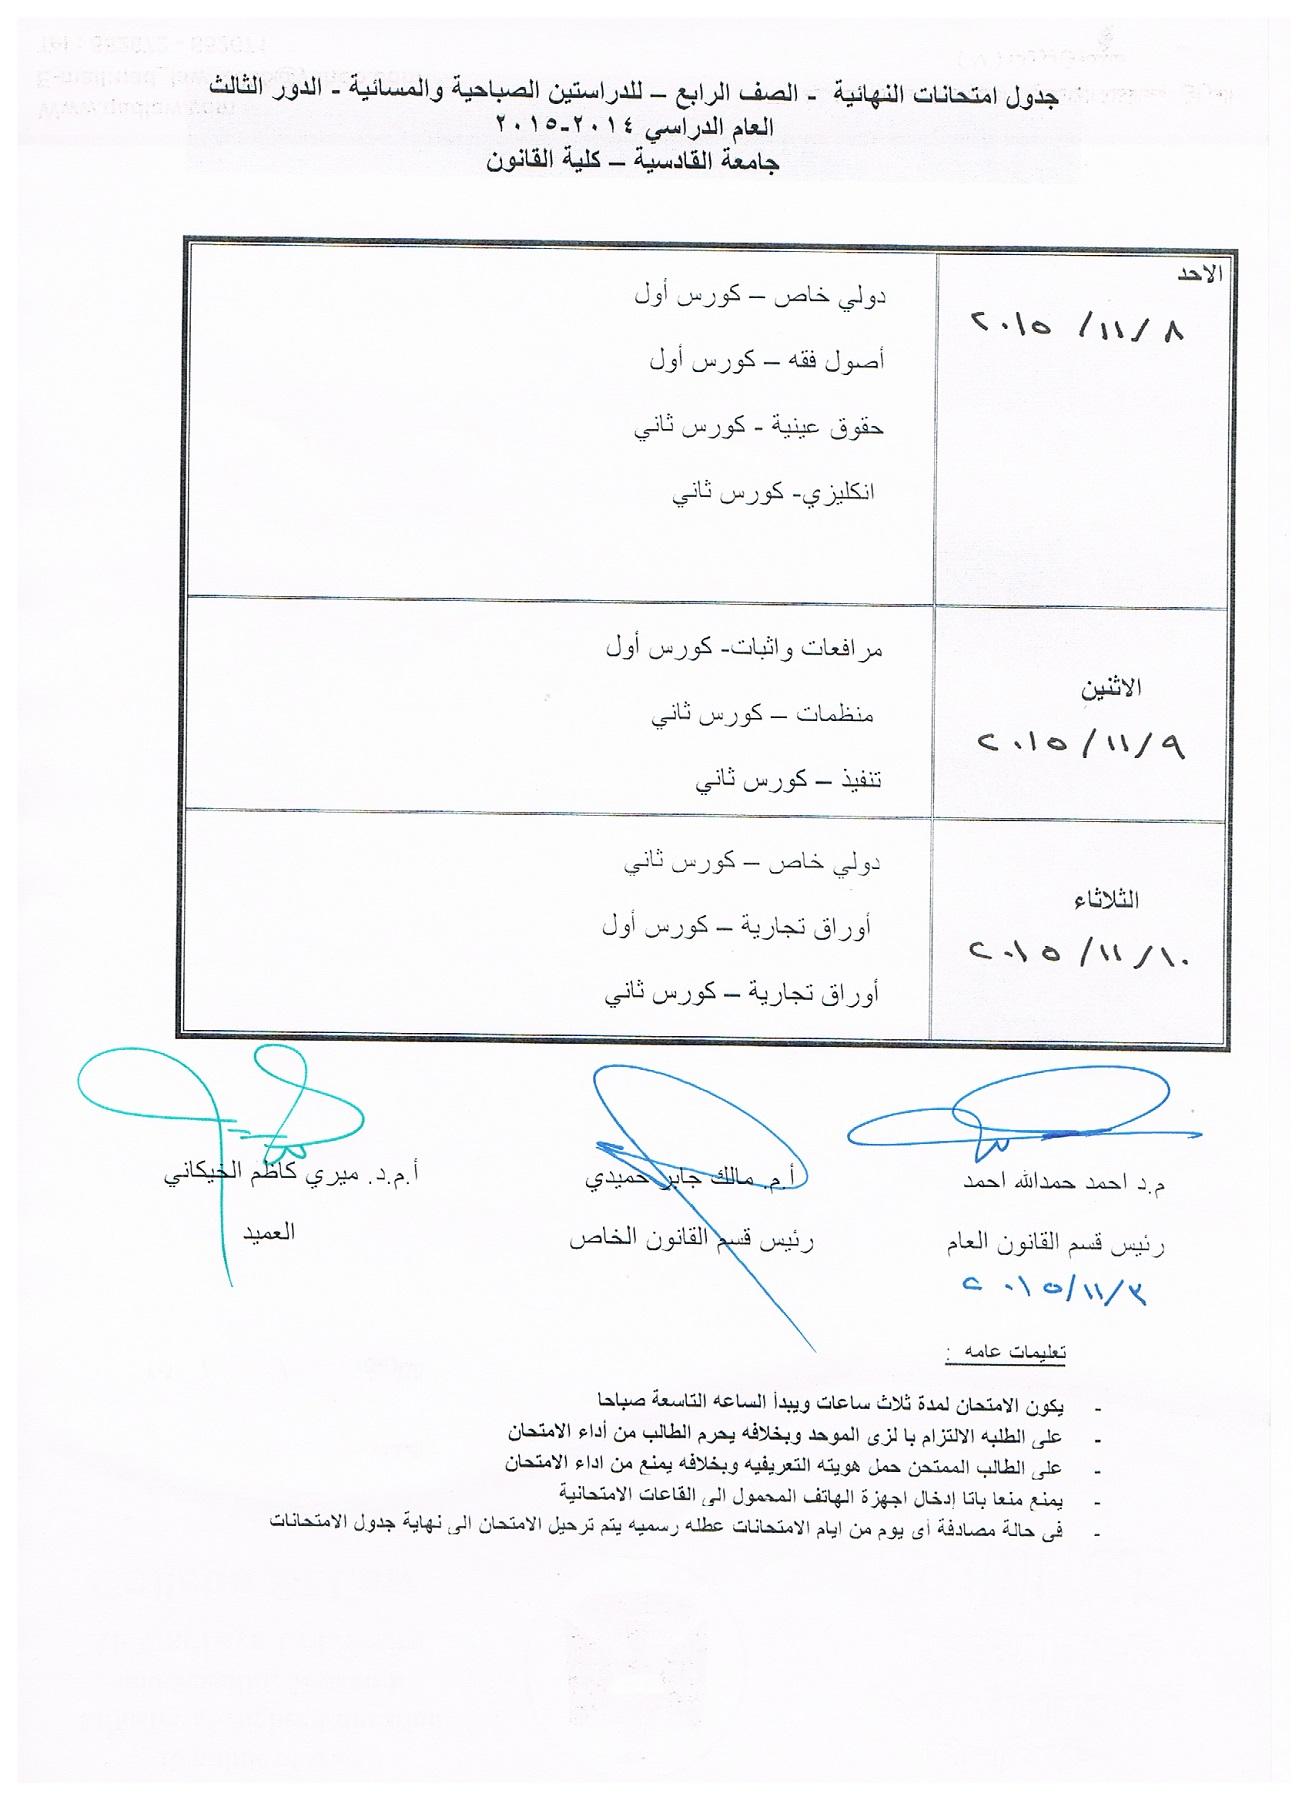 جدول الامتحانات النهائية (الصف الرابع) الدور الثالث للعام الدراسي 2014 – 2015 وللدراستين الصباحية والمسائية